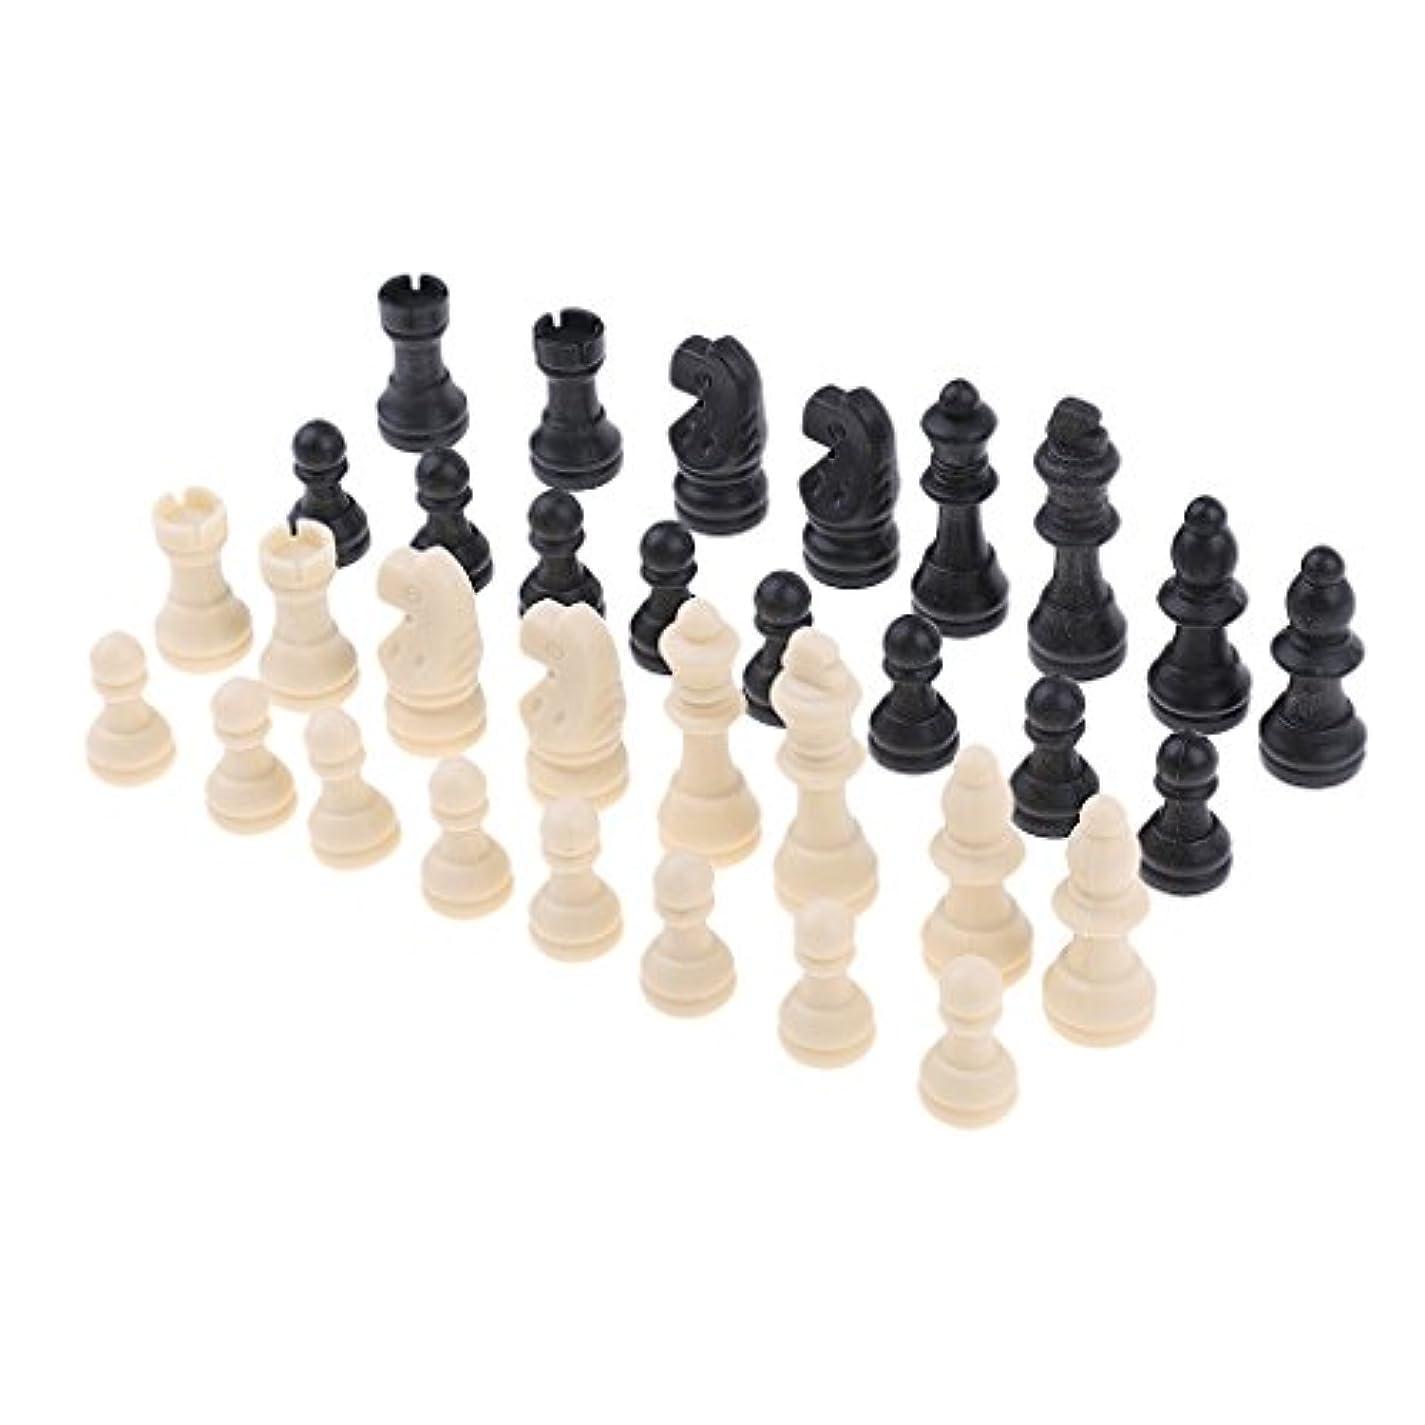 毒液規則性漫画Sharplace 約32個 プラスチック 国際チェス チェスゲーム チェスマン ボードゲーム用品 全4サイズ - 51ミリメートル